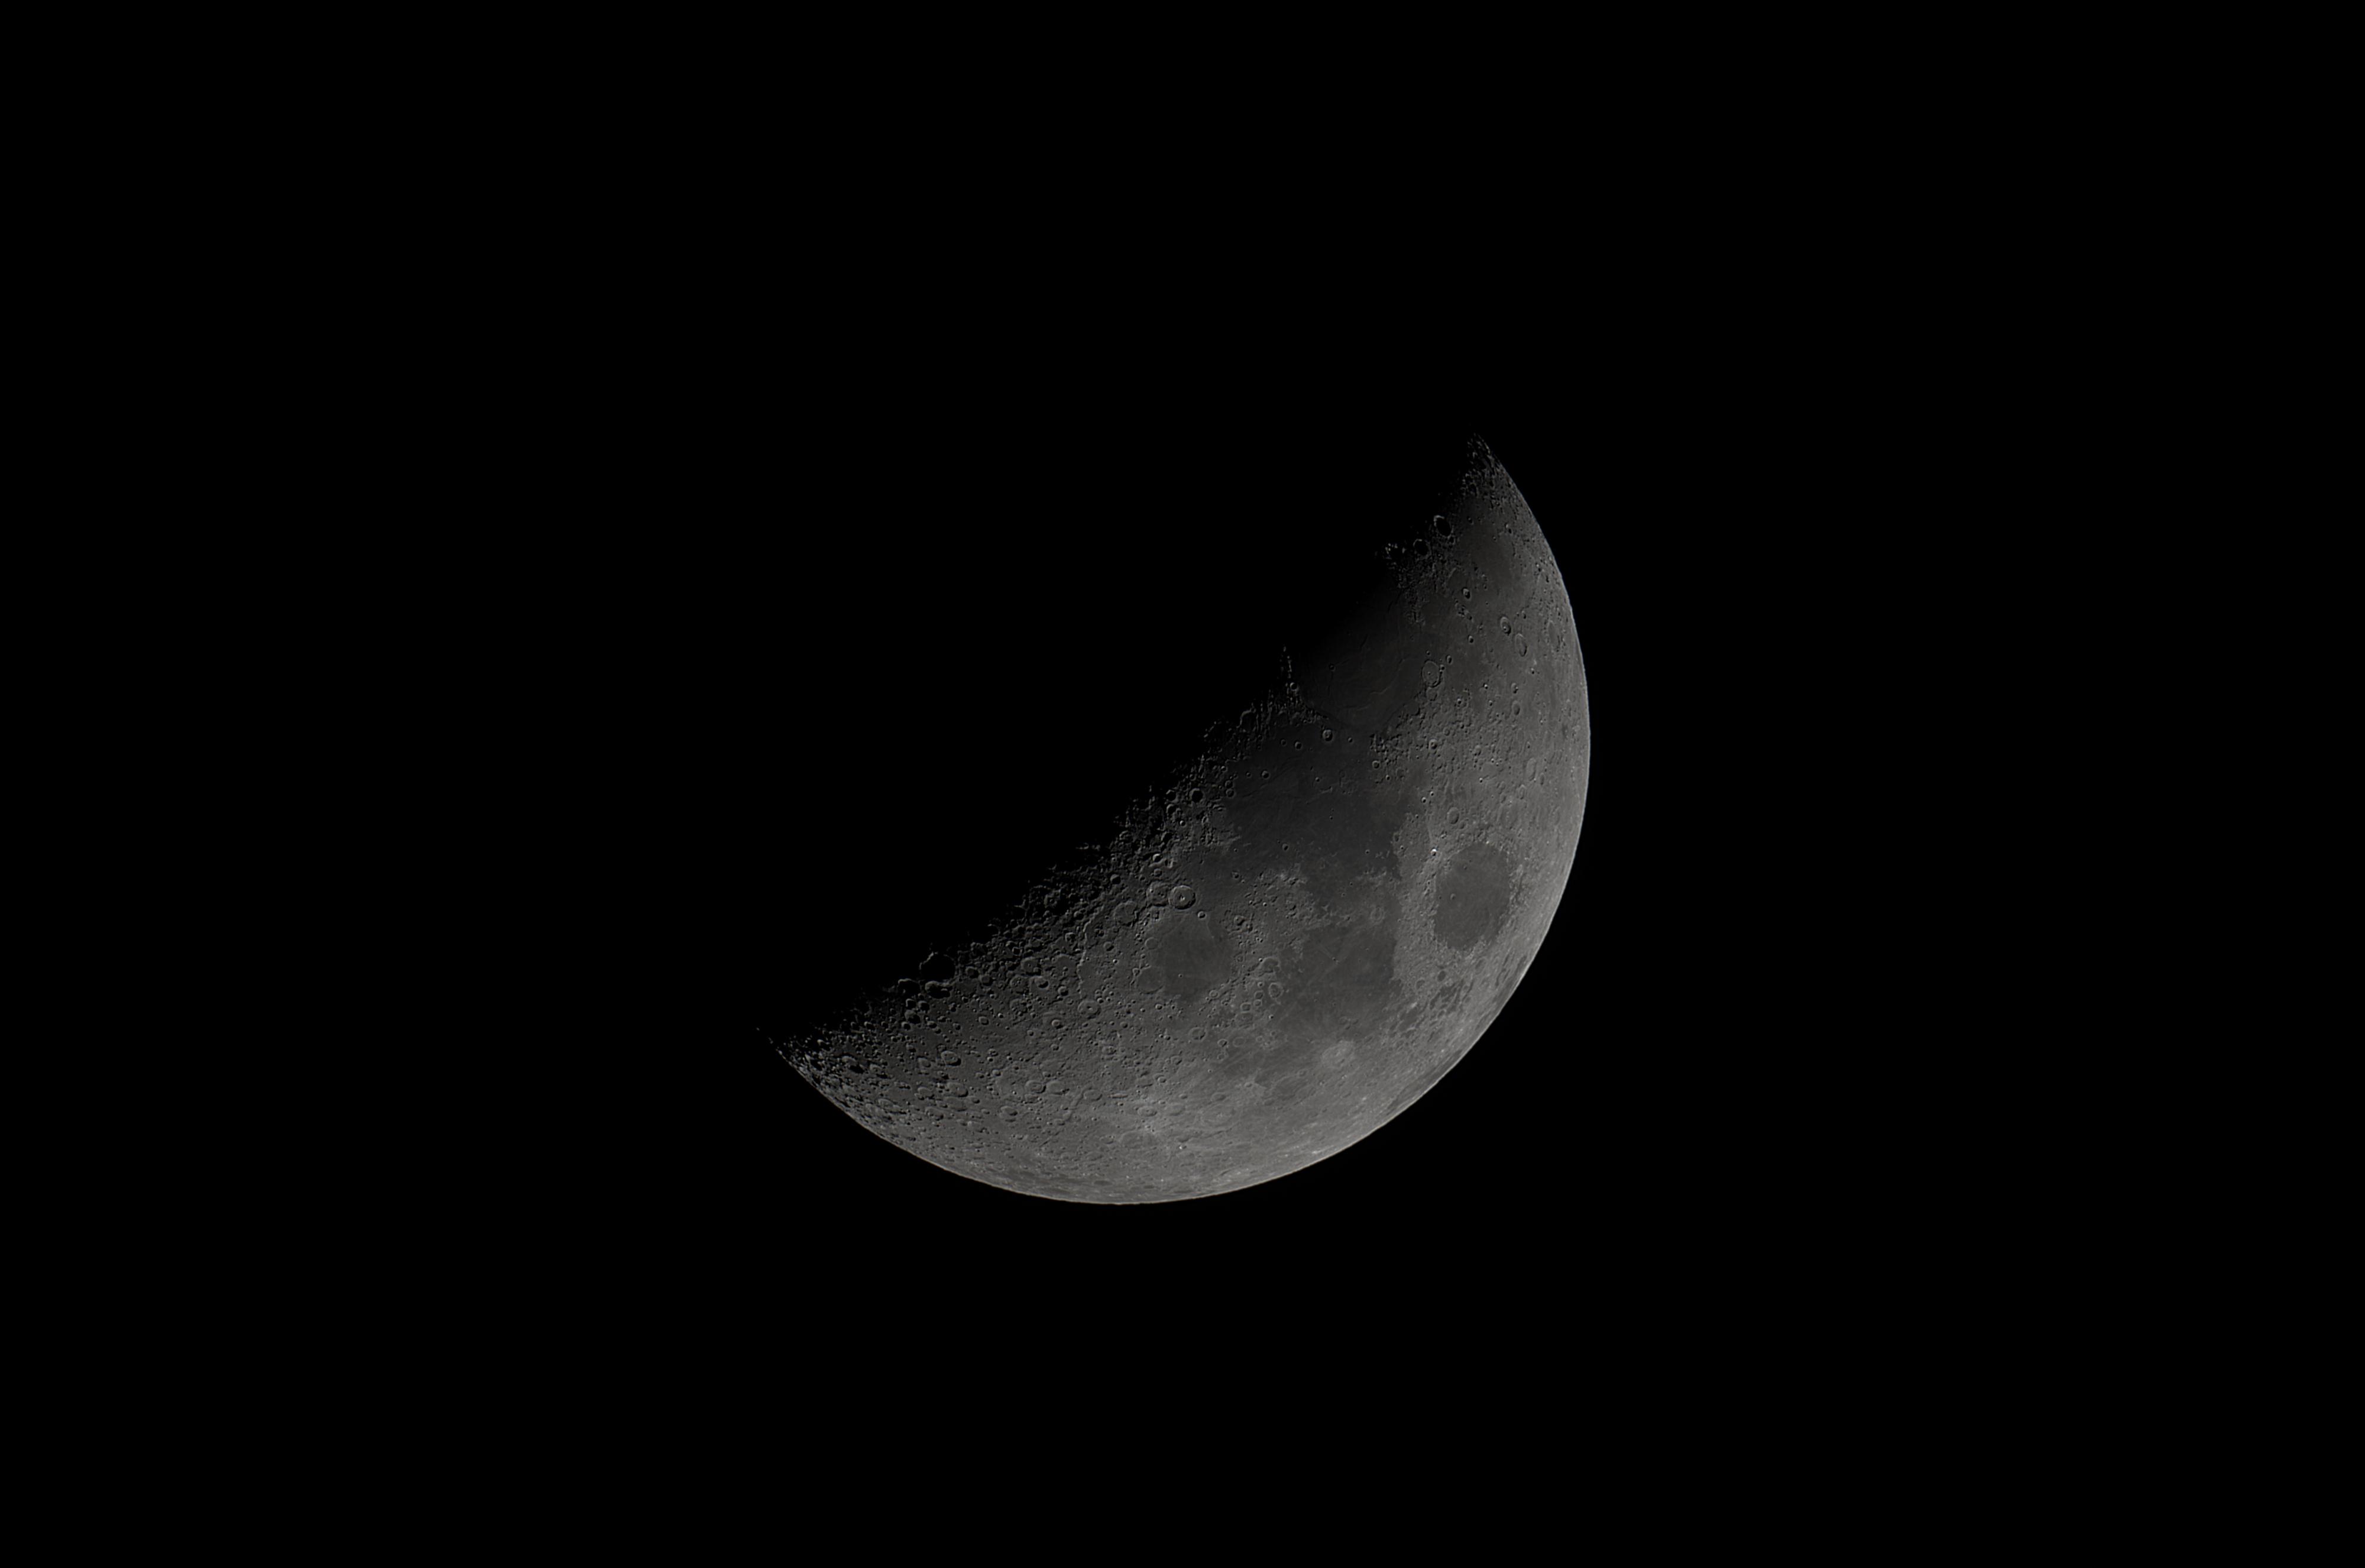 Lune - 19 Juin 2018